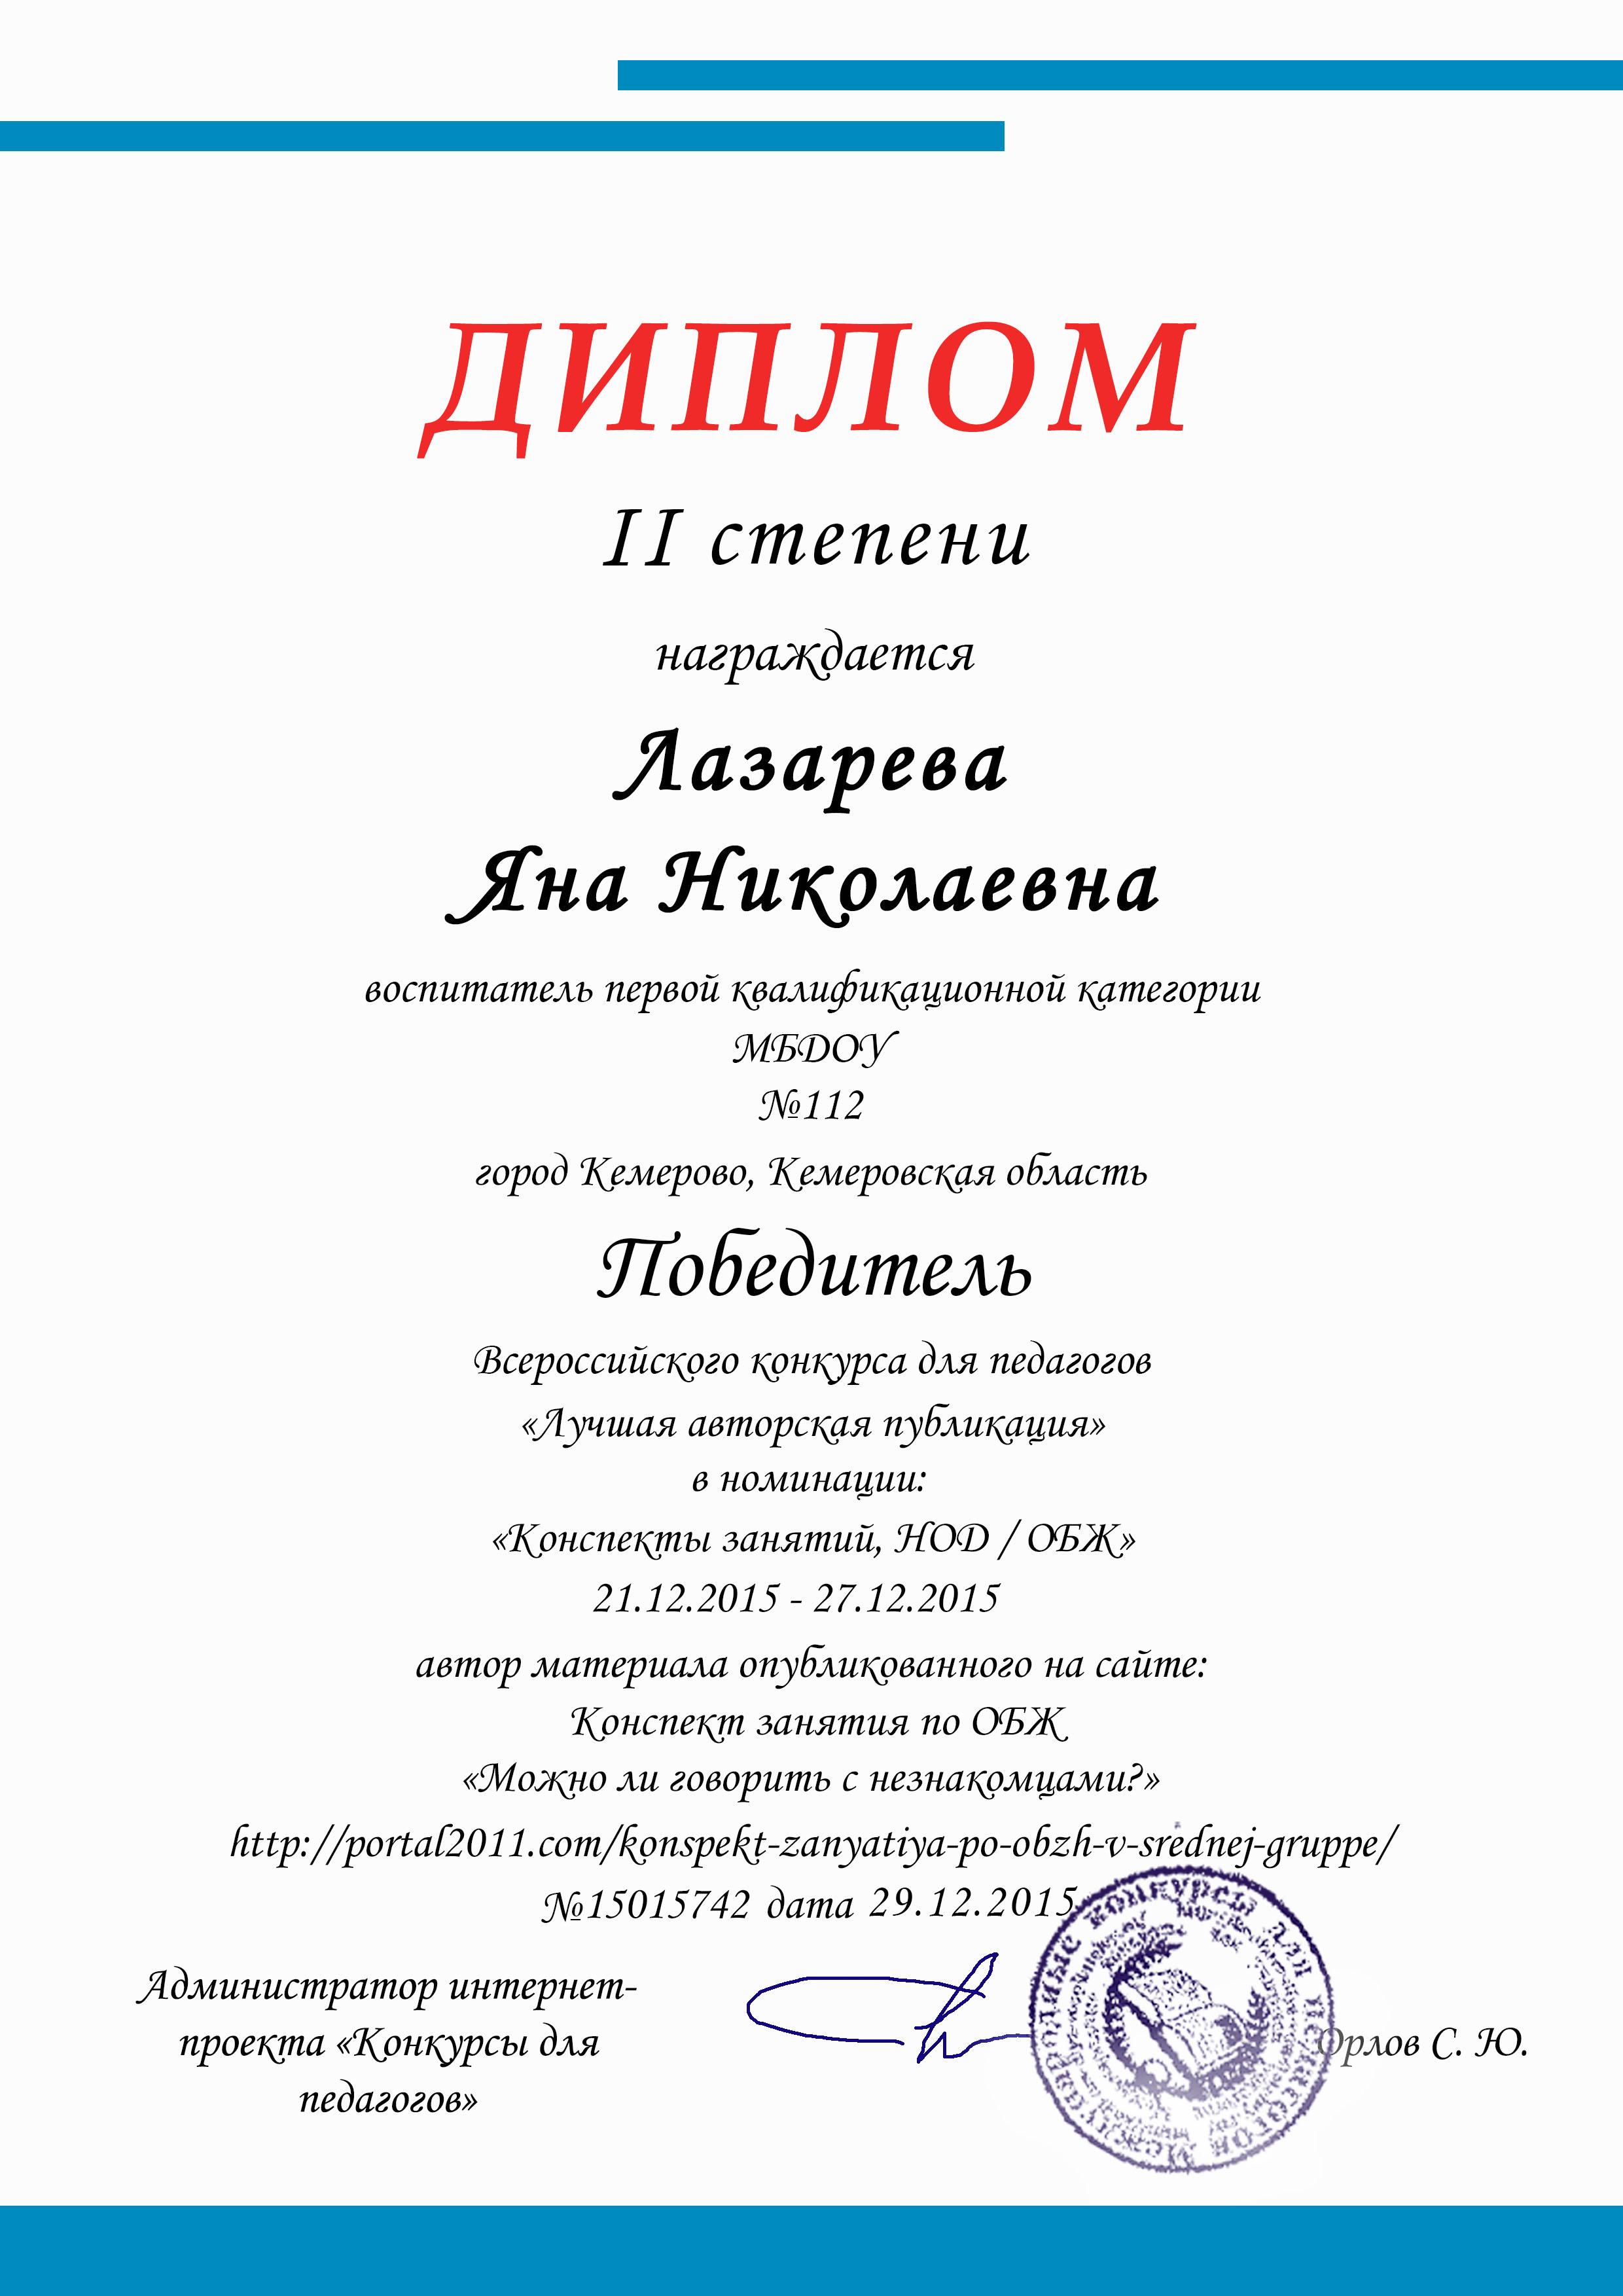 Всероссийские конкурсы для педагогов детского сада